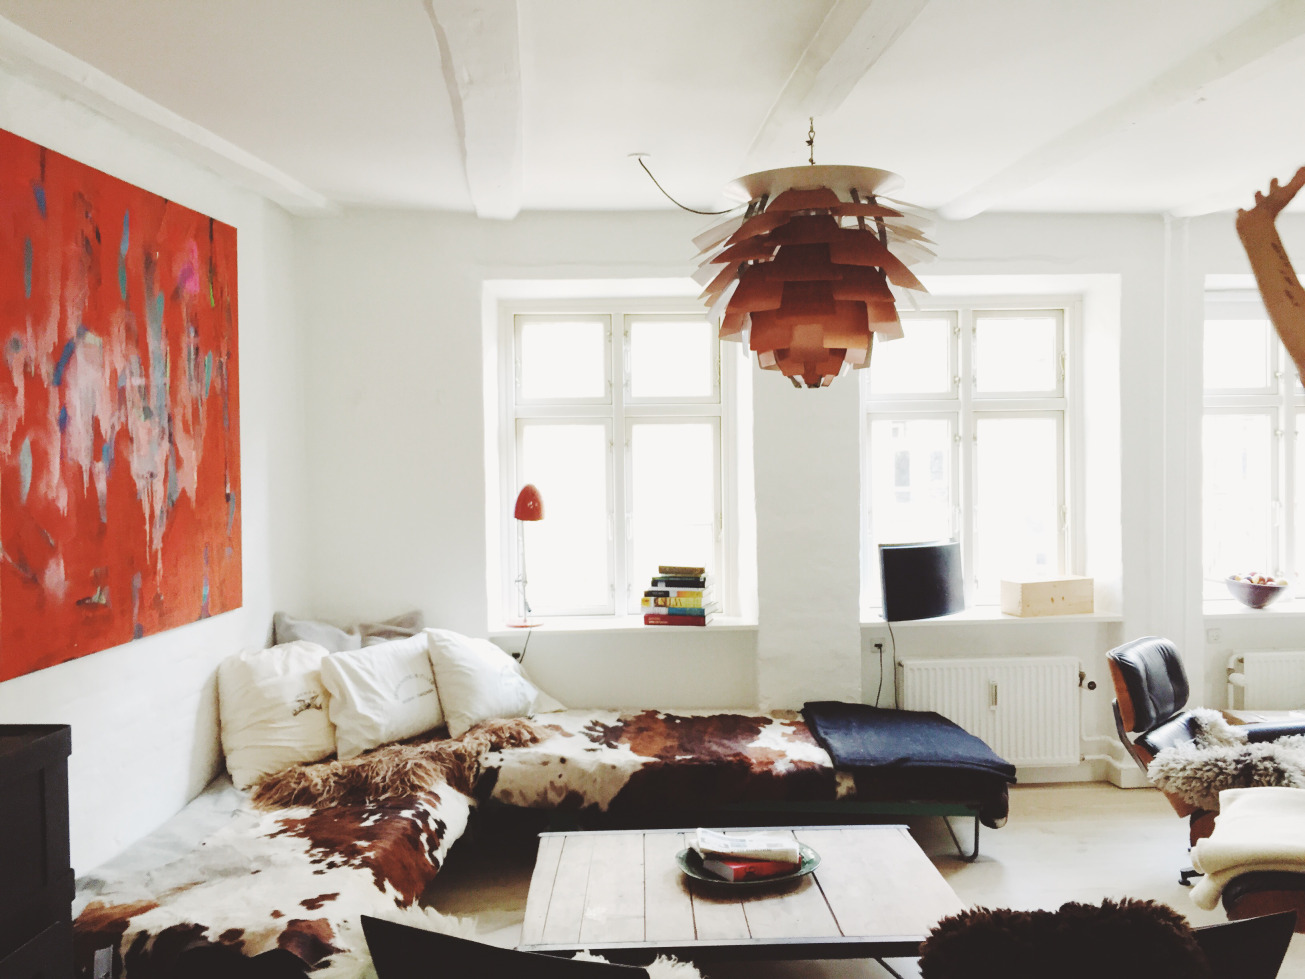 Un loft bohème à Copenhague - magicdreamlife